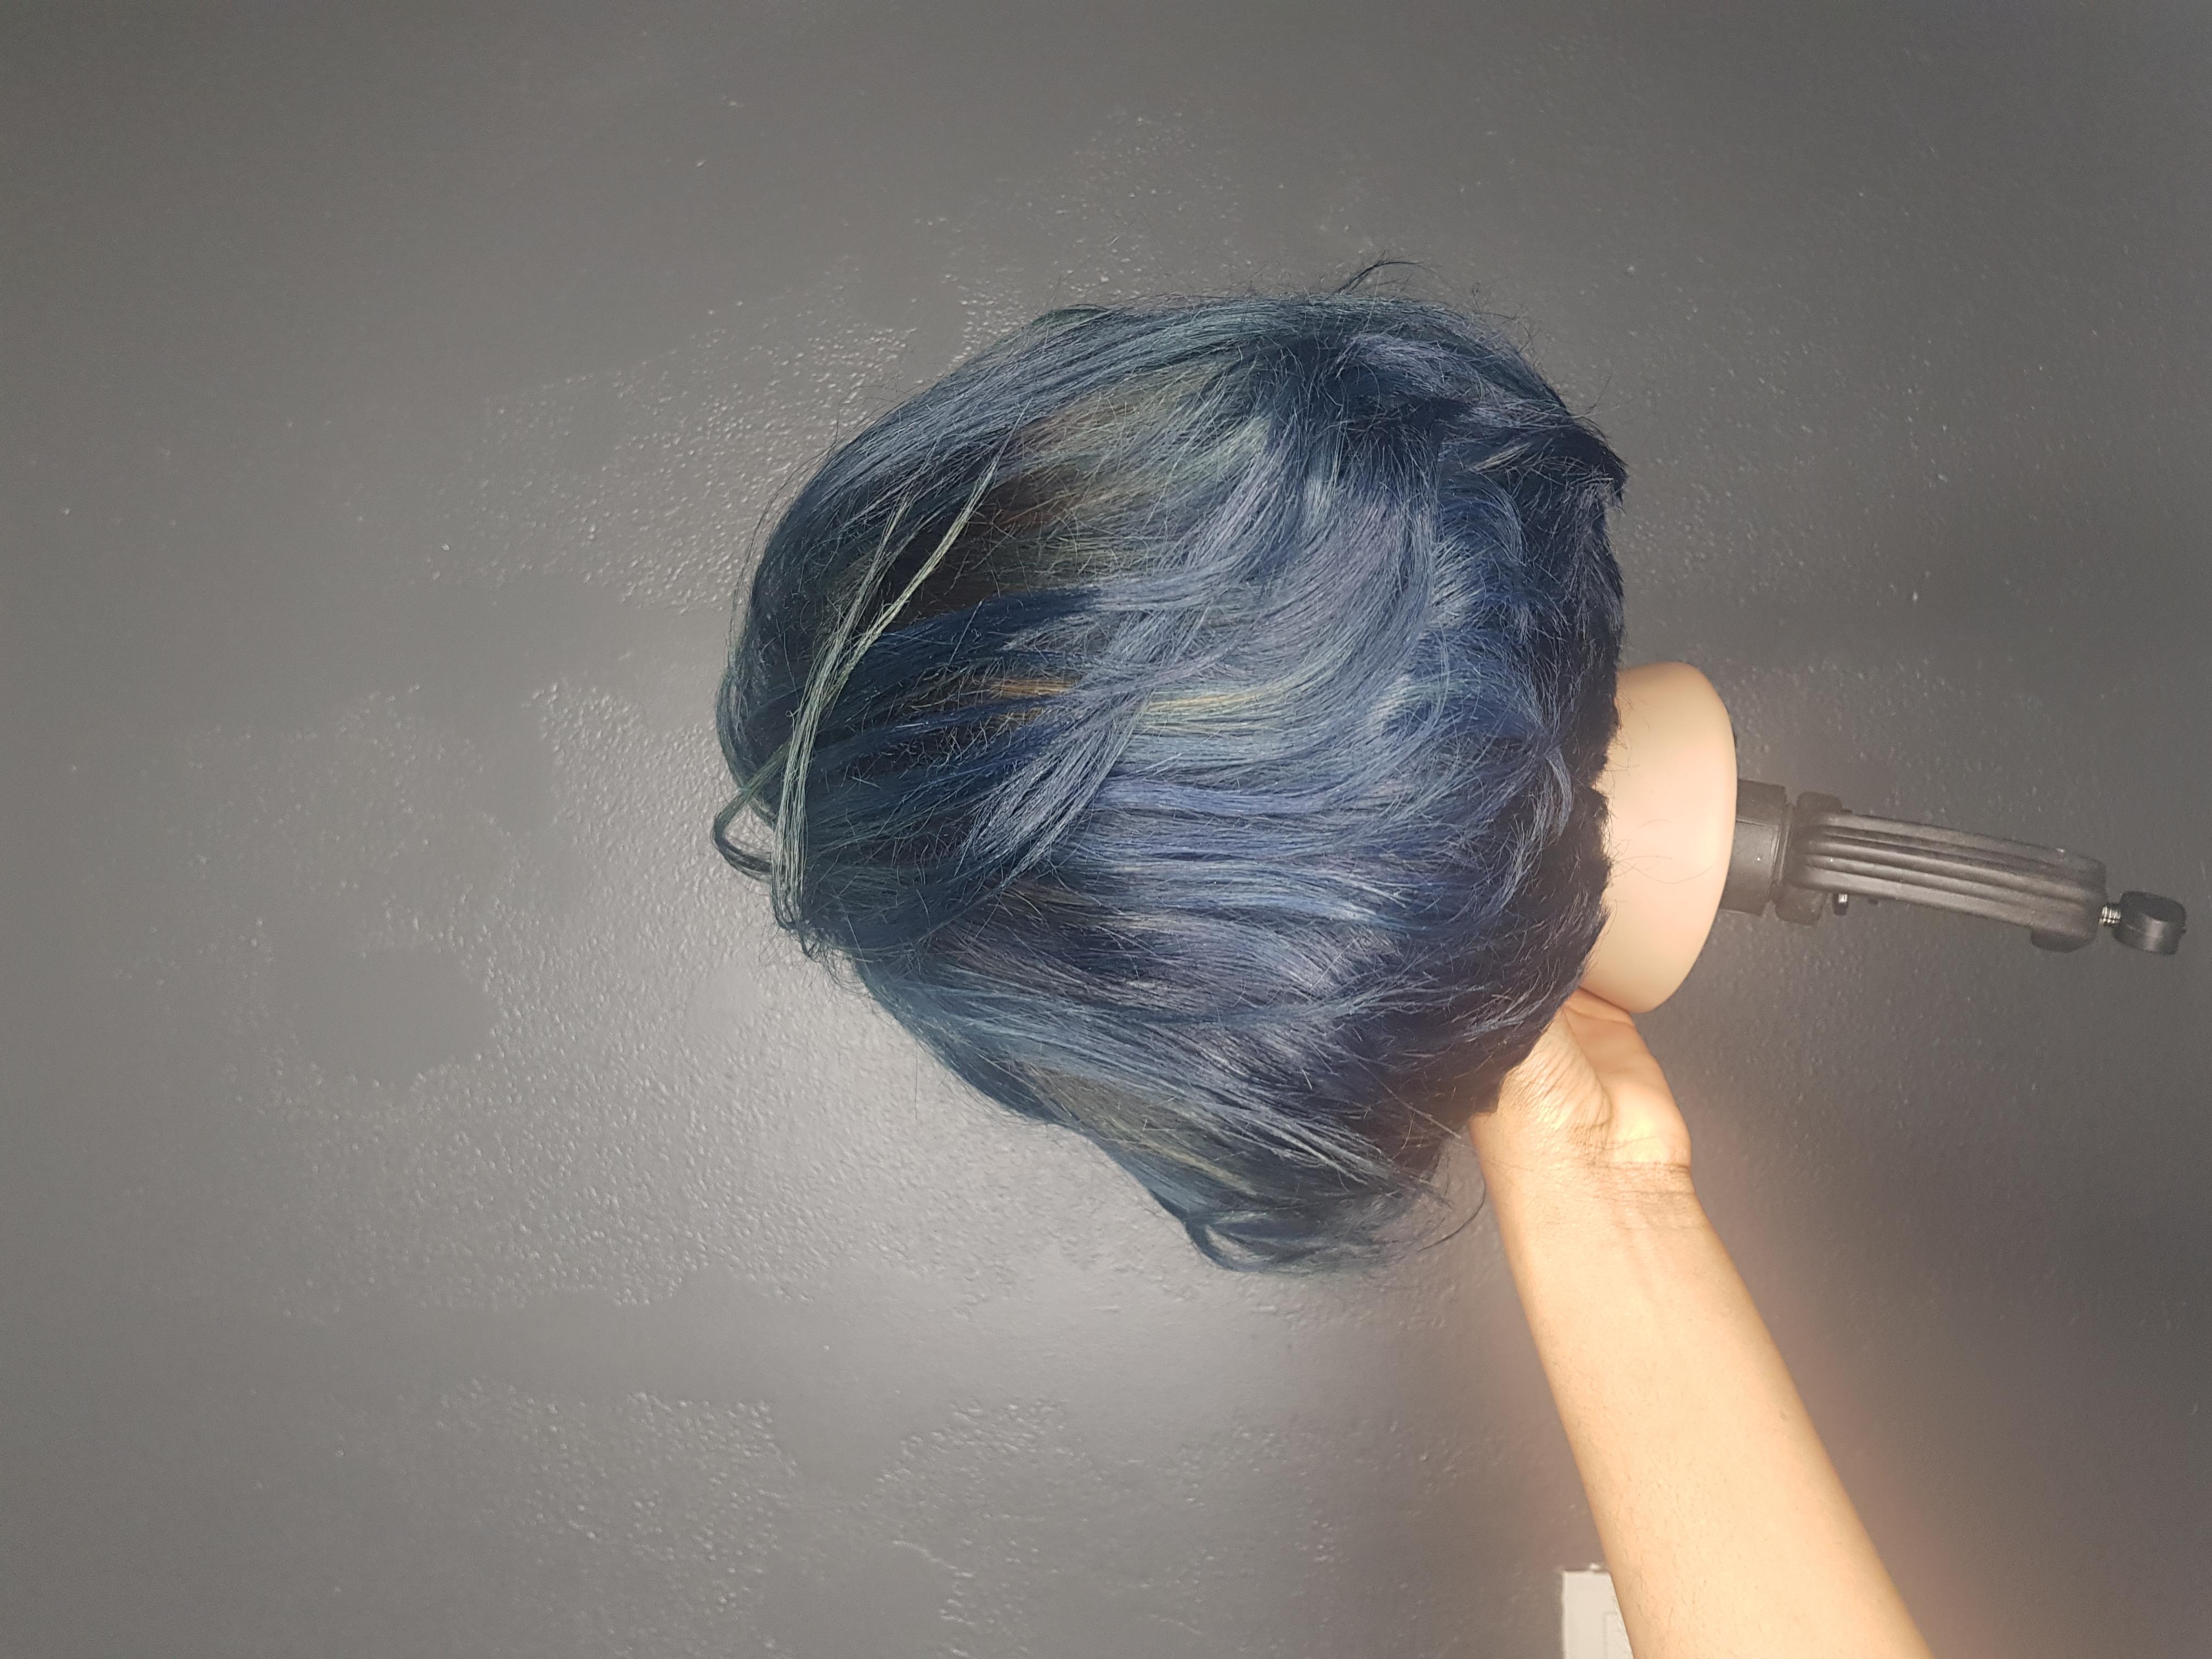 salon de coiffure afro tresse tresses box braids crochet braids vanilles tissages paris 75 77 78 91 92 93 94 95 TAXGNNGV